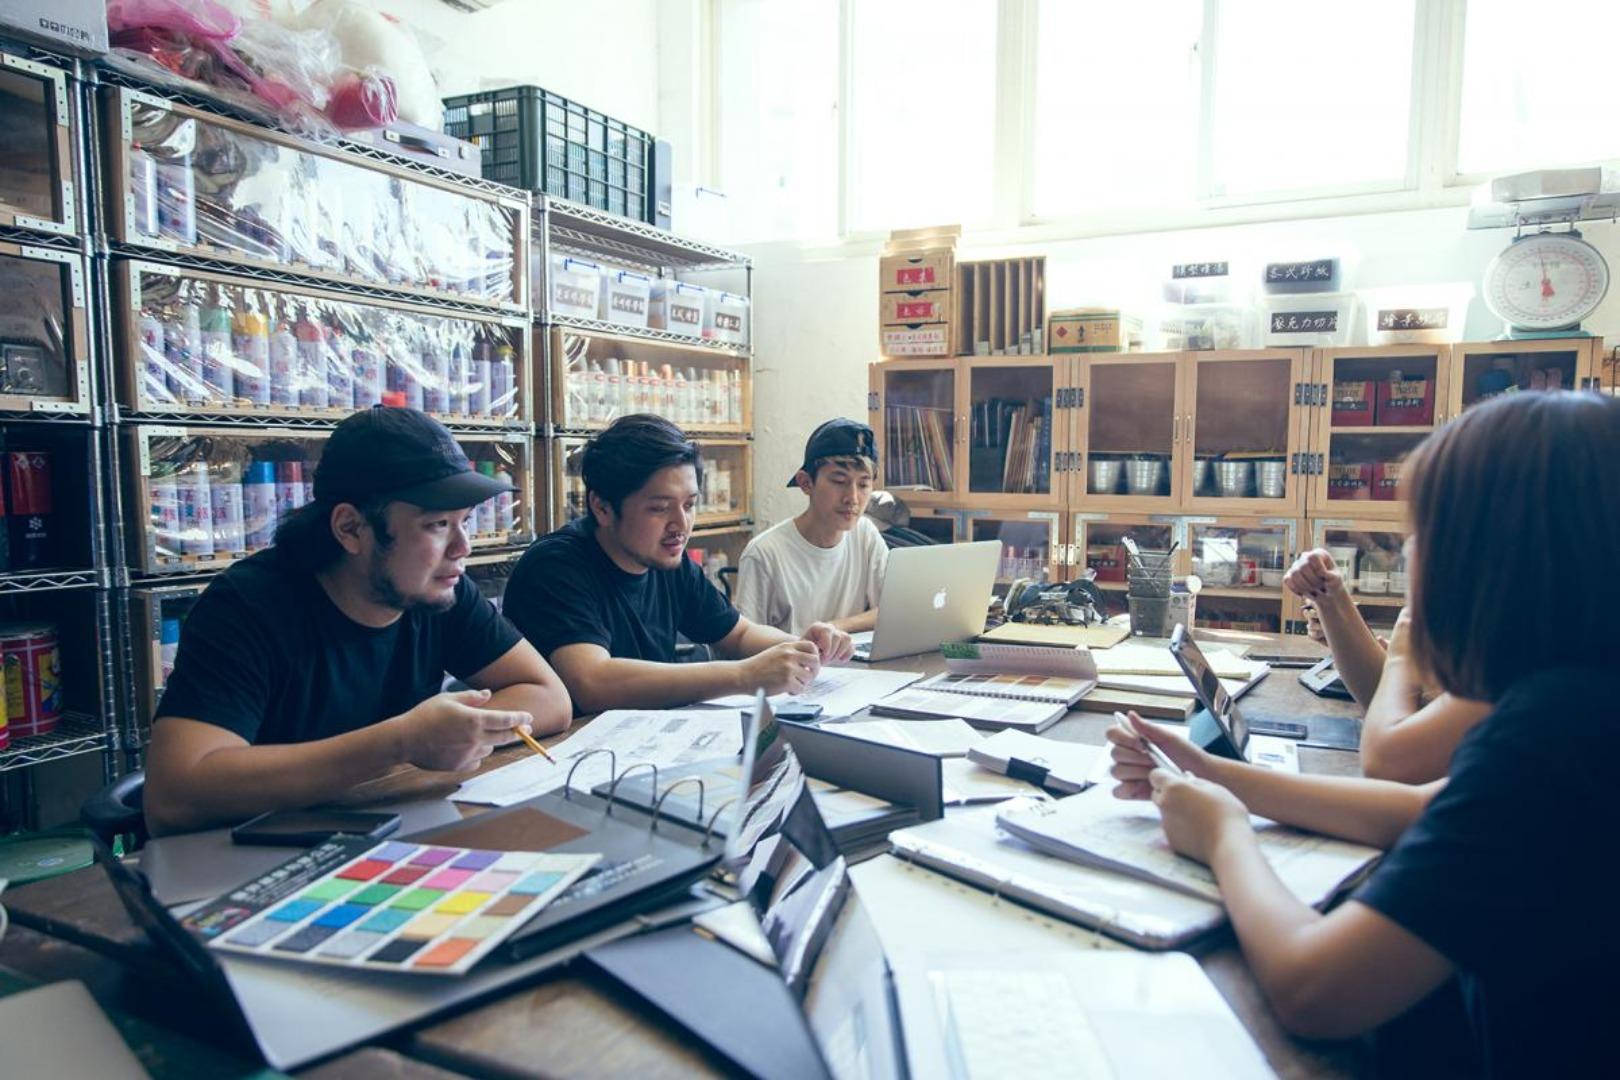 《返校》繪景統籌 – 山峸製作設計:整合設計、製作工作環節,健全幕後生態